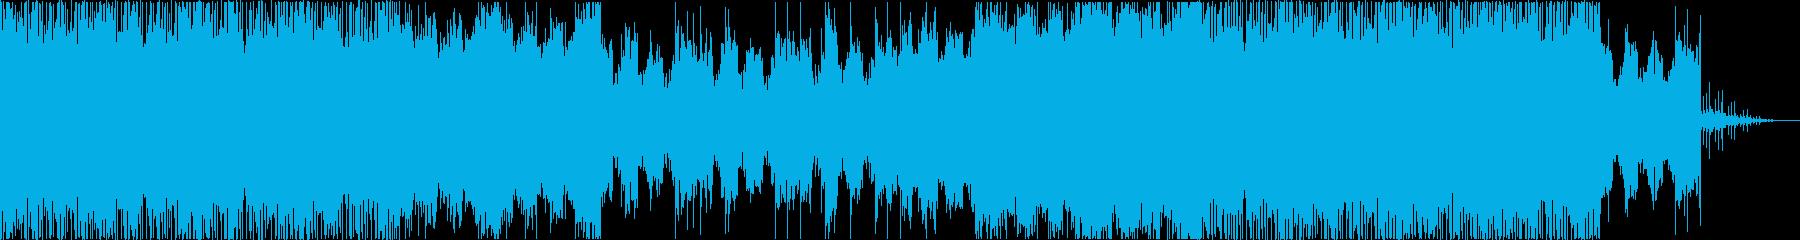 シネマティック、近未来、エレクトロ、2の再生済みの波形